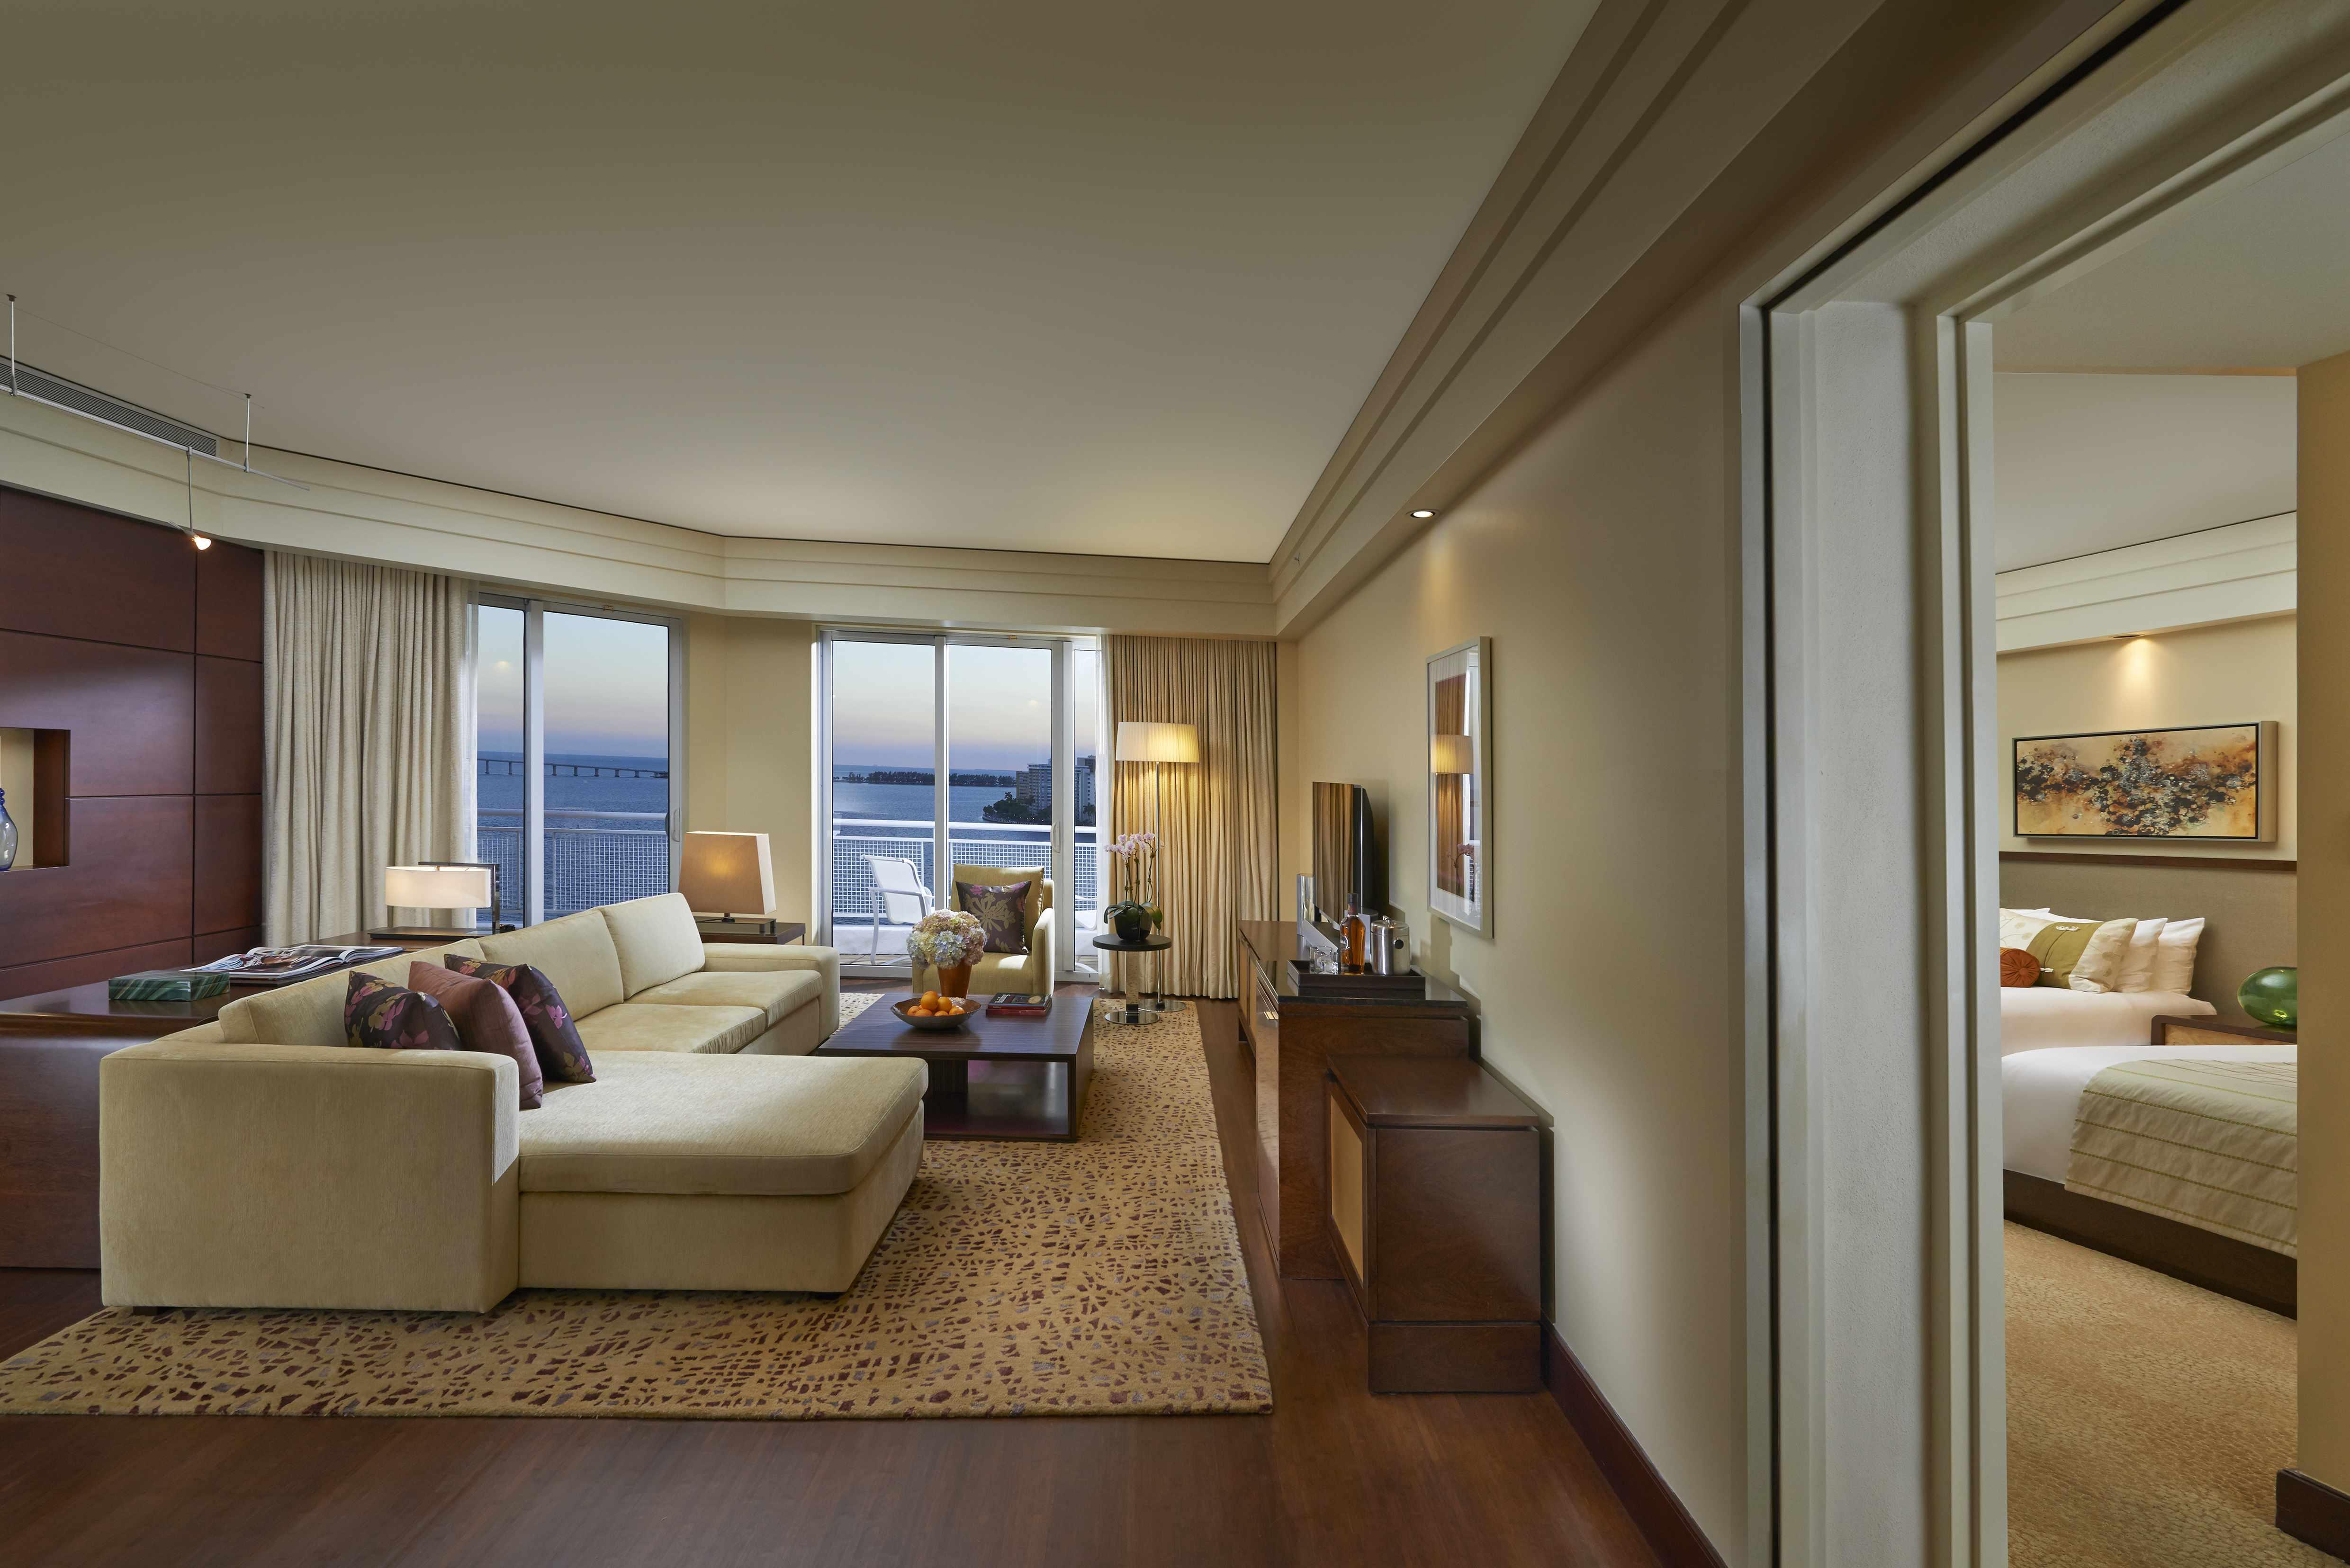 2 Bedroom Suites In Miami >> Premier Bay View 2 Bedroom Suites Mandarin Oriental Miami